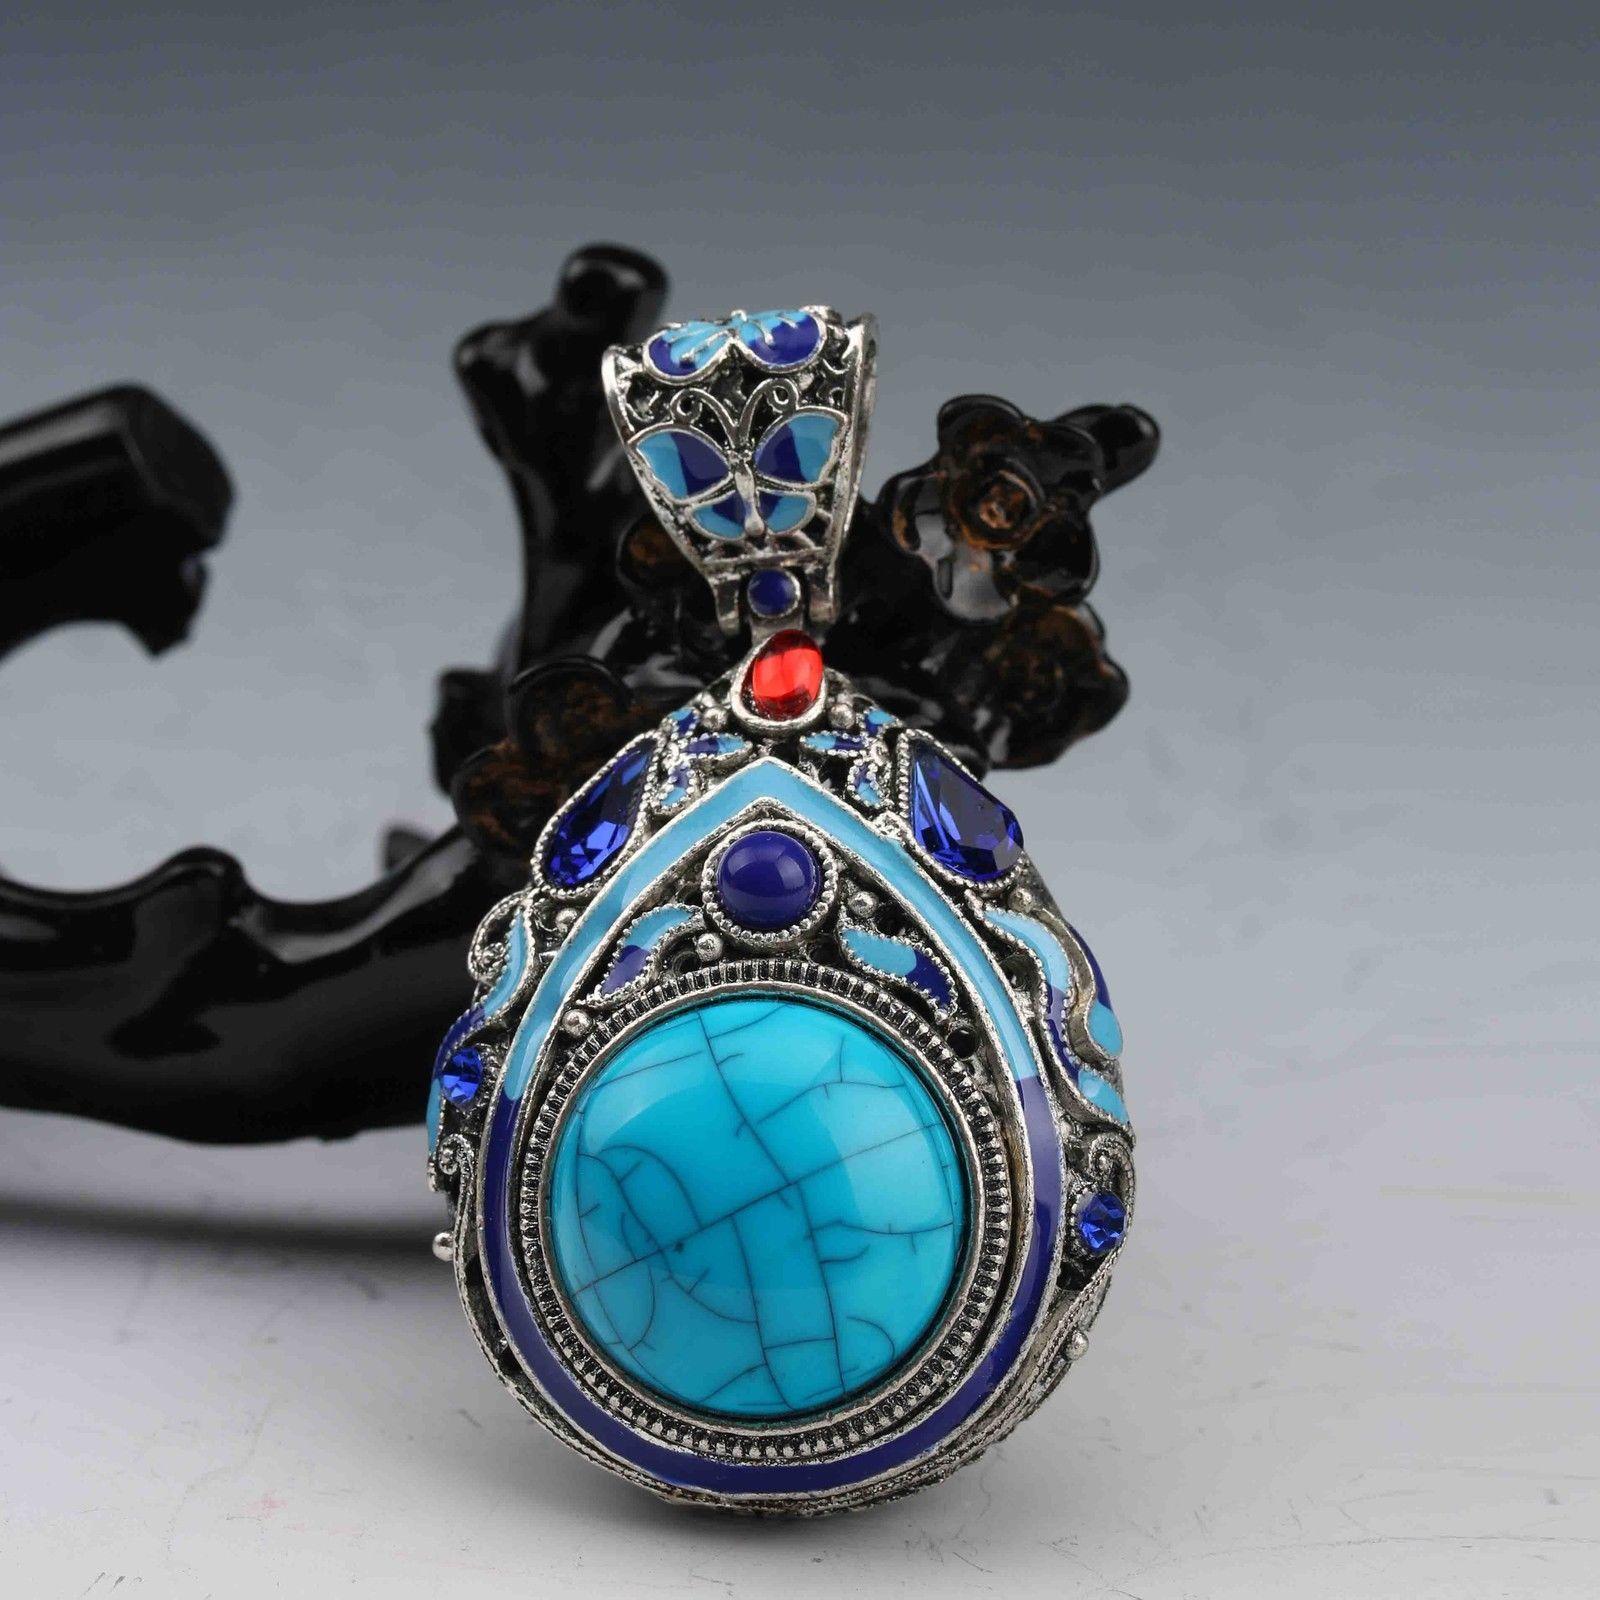 Exquisito colgante de forma de pera con forma de pera de plata turquesa con incrustaciones de plata tibetana con incrustaciones